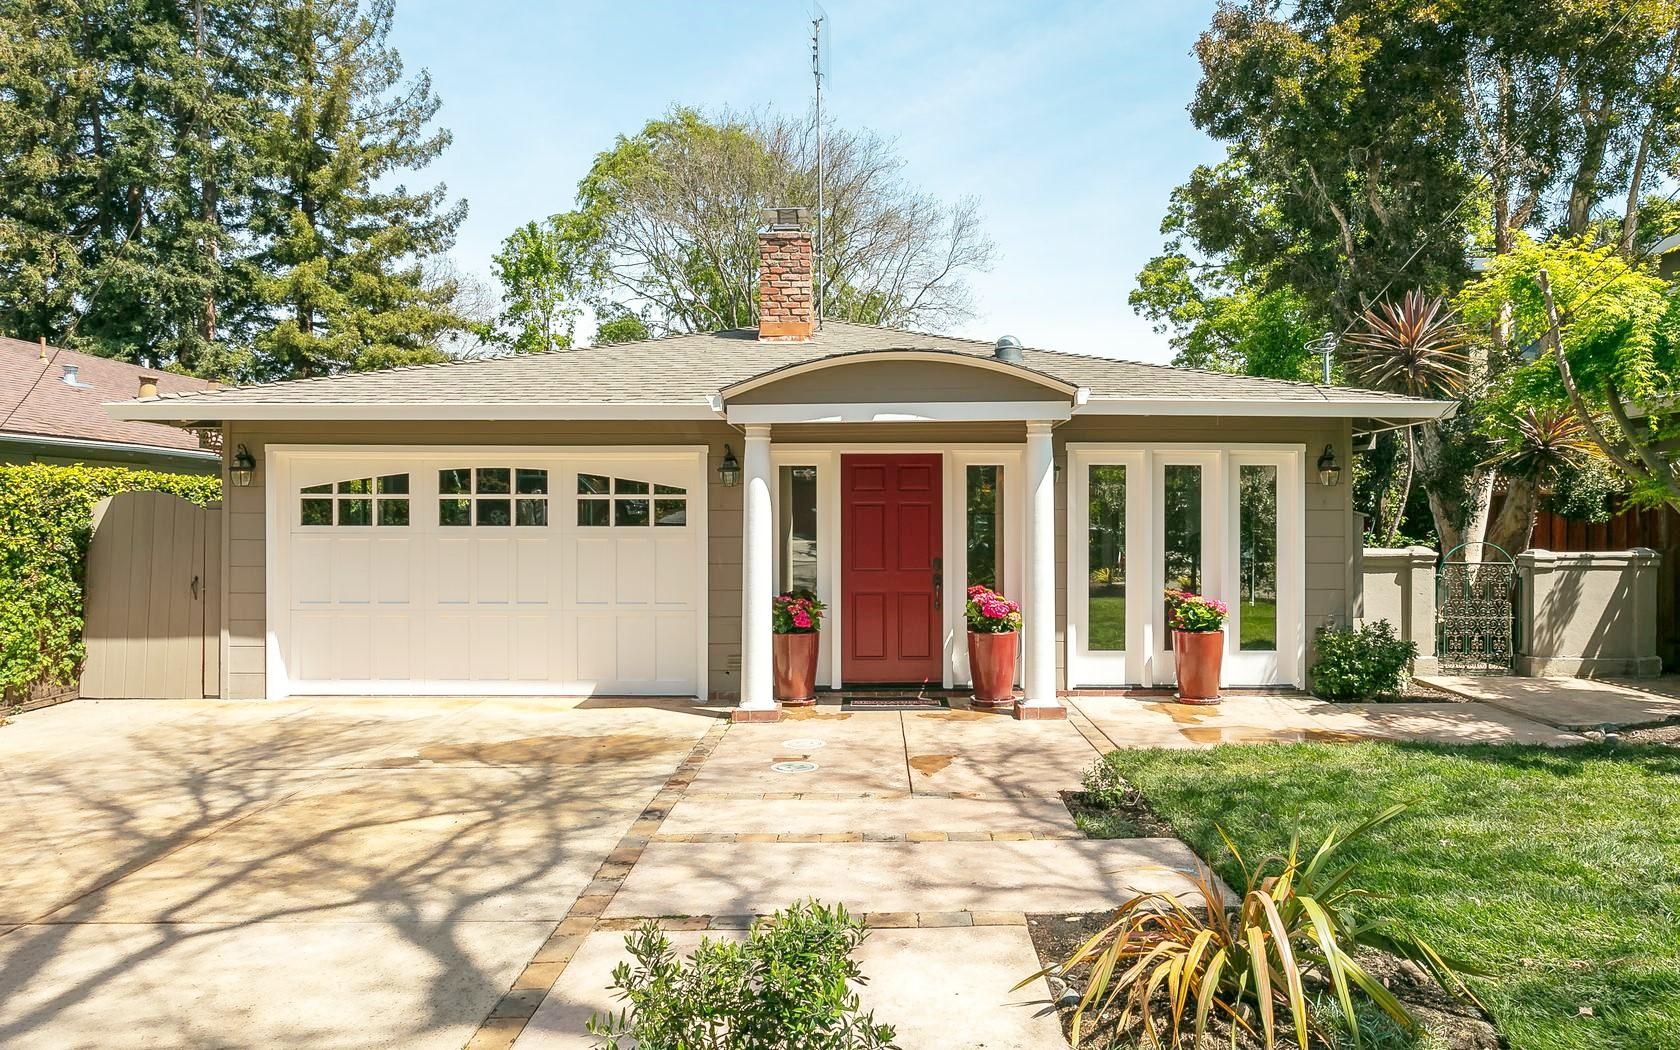 Home for sale. 1160 Sherman Ave. Menlo Park CA 94025